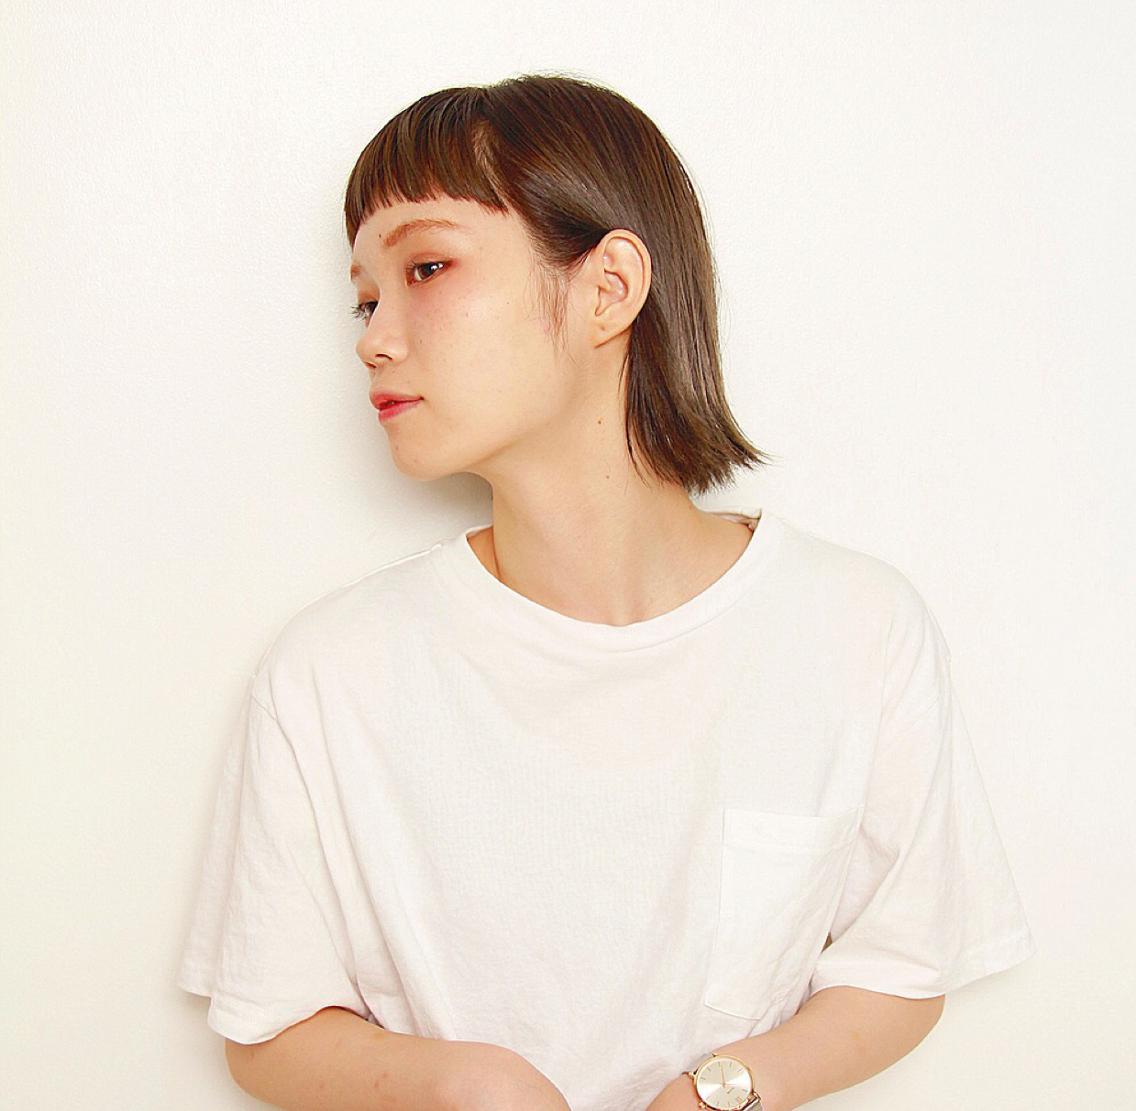 6月13日(火)サロン撮影モデルさん募集